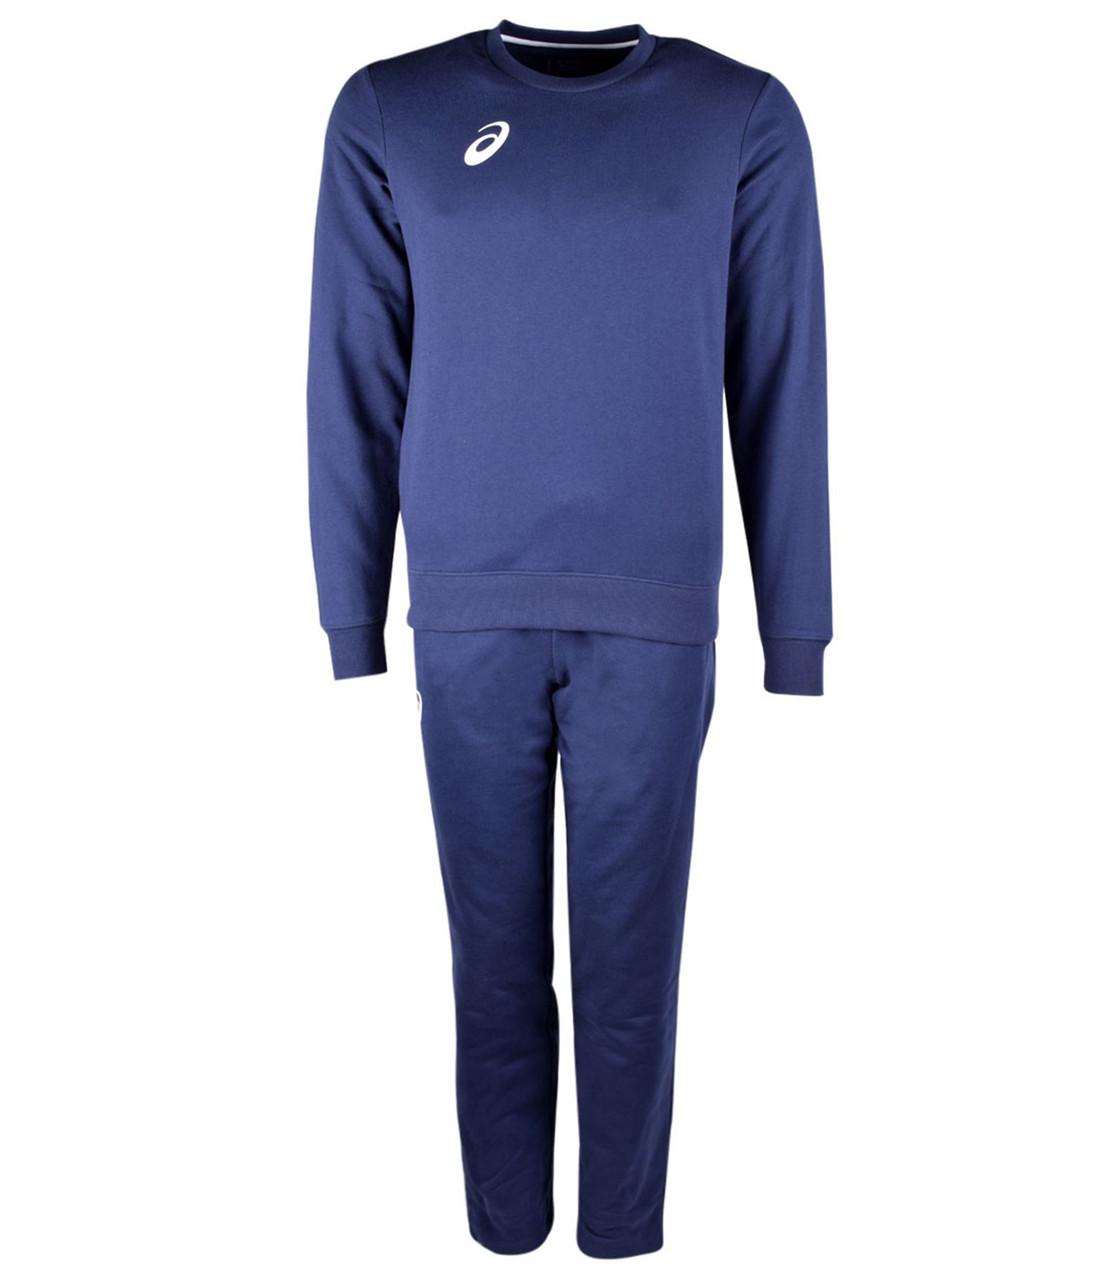 Спортивный костюм Asics Fleece Suit 156856 0891